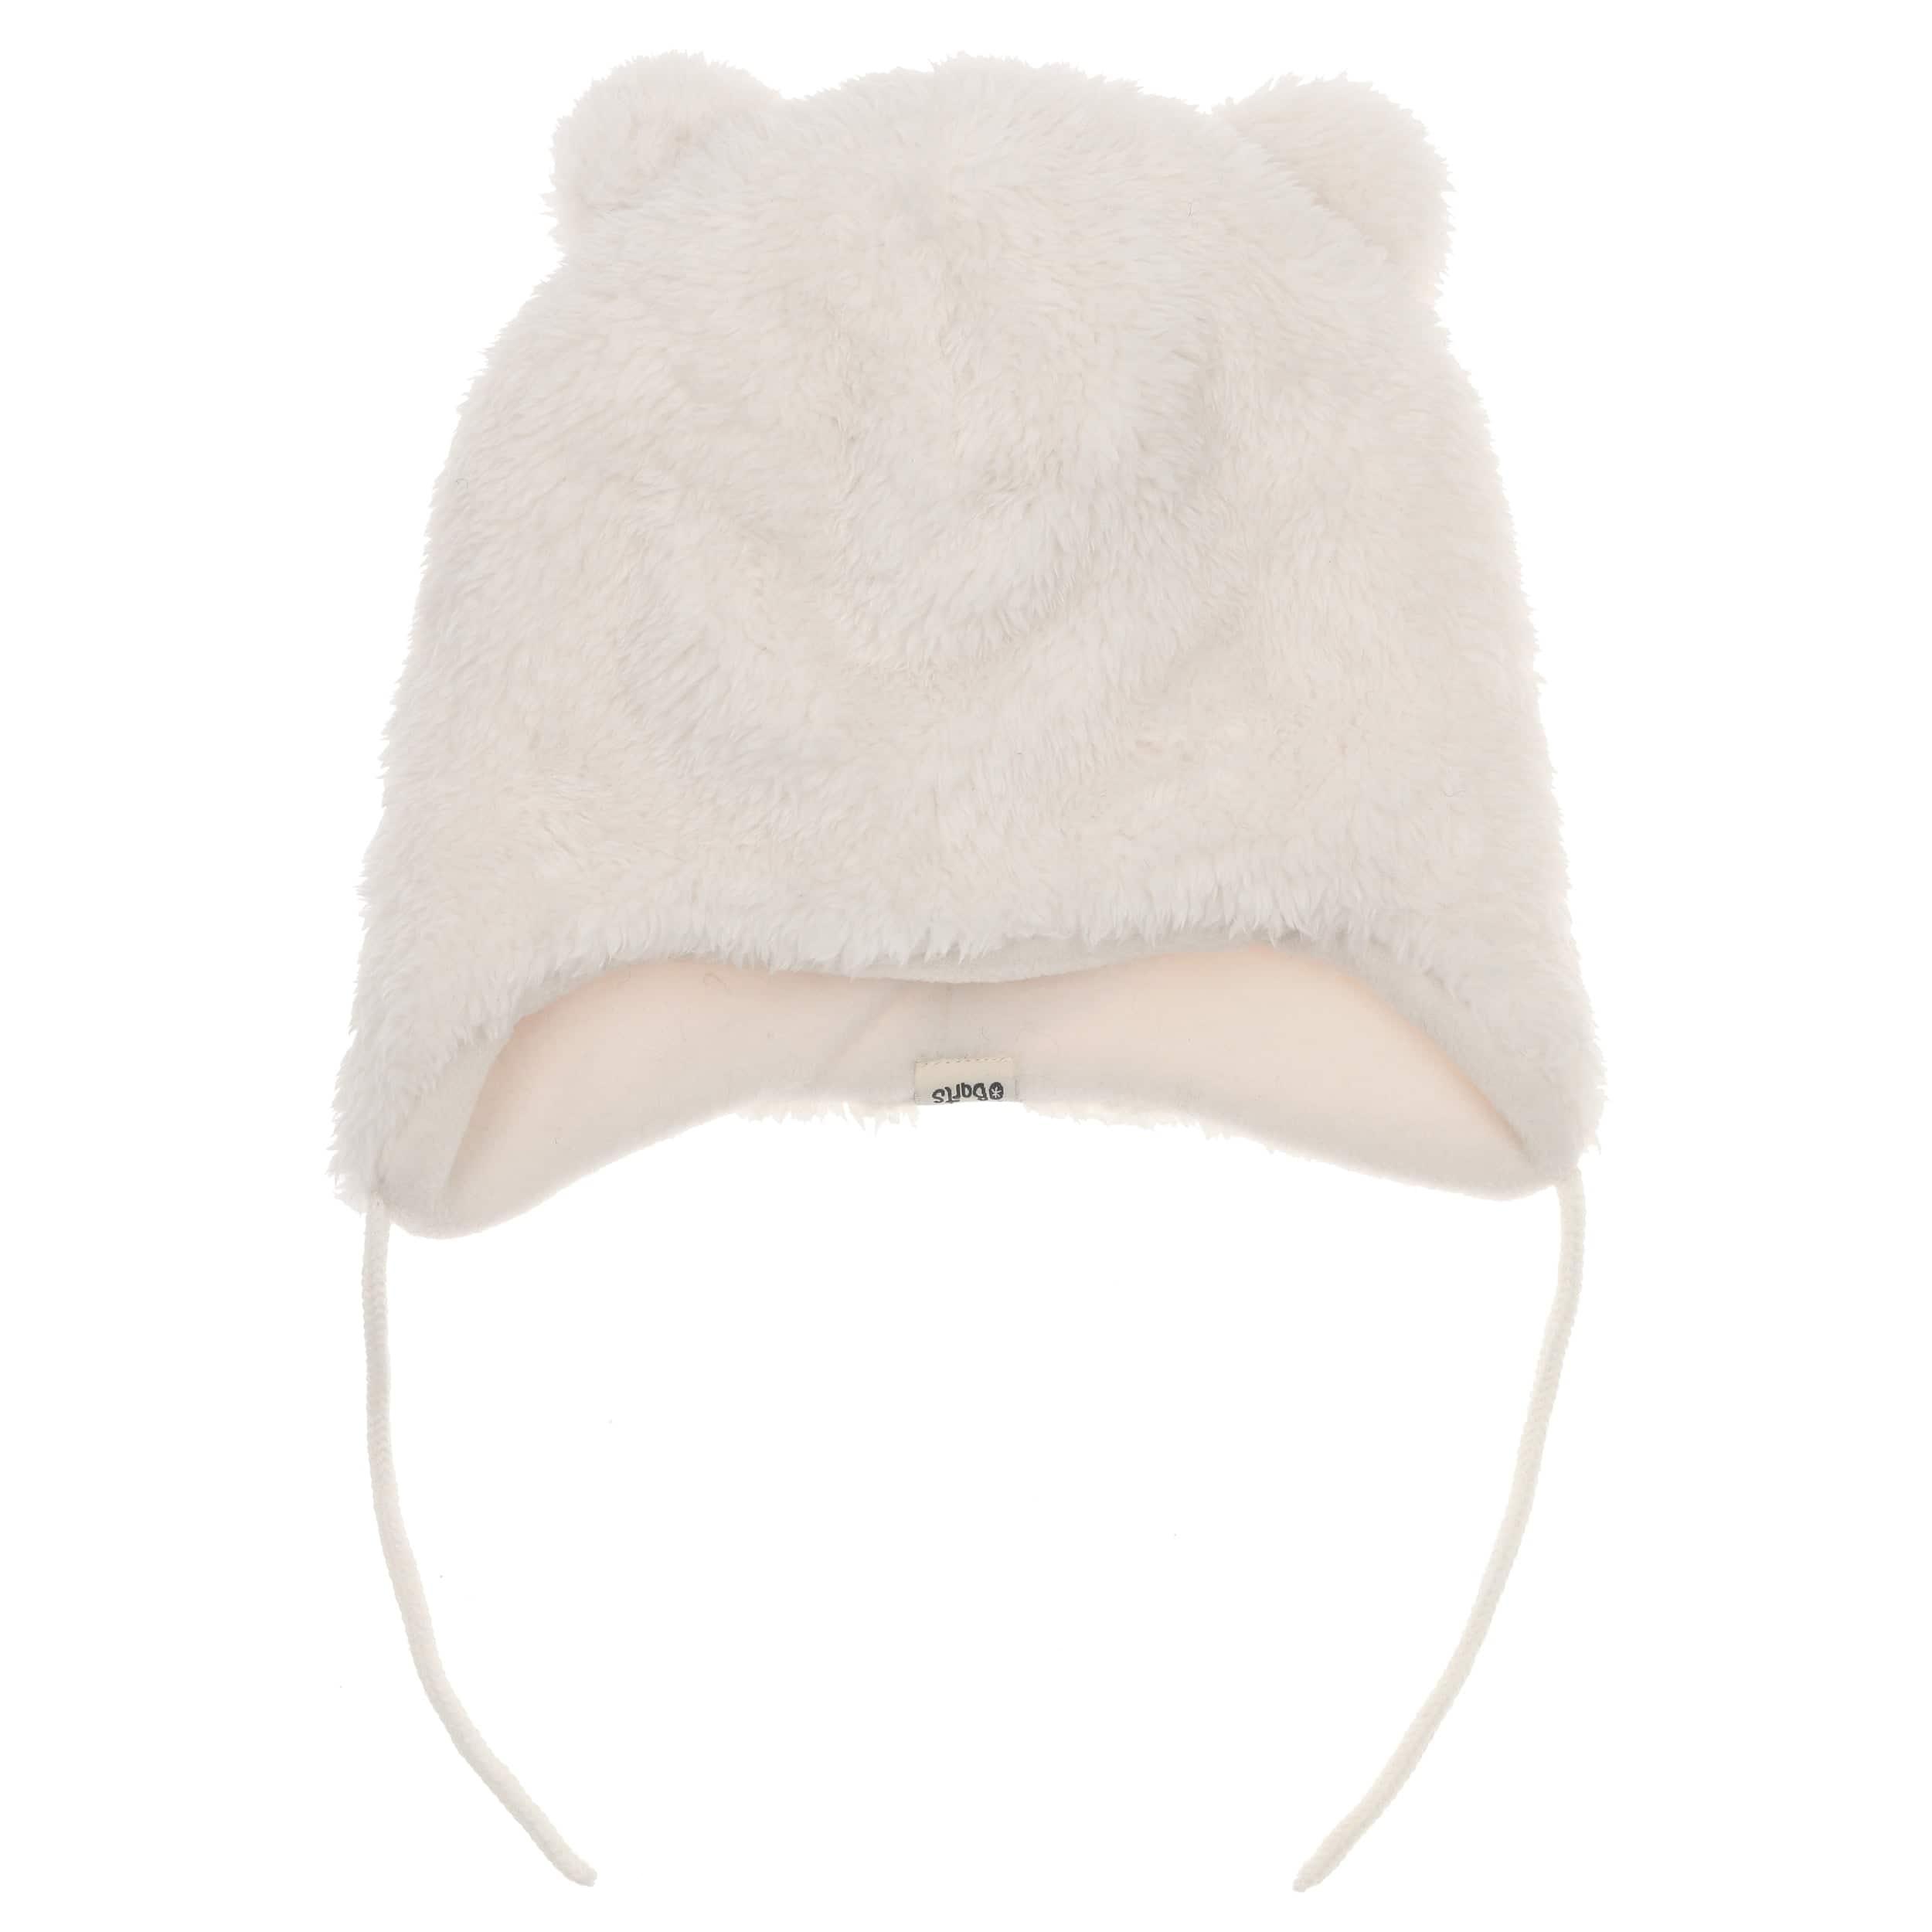 4be2fdf21 Noa Bear Kids Winter Hat by Barts